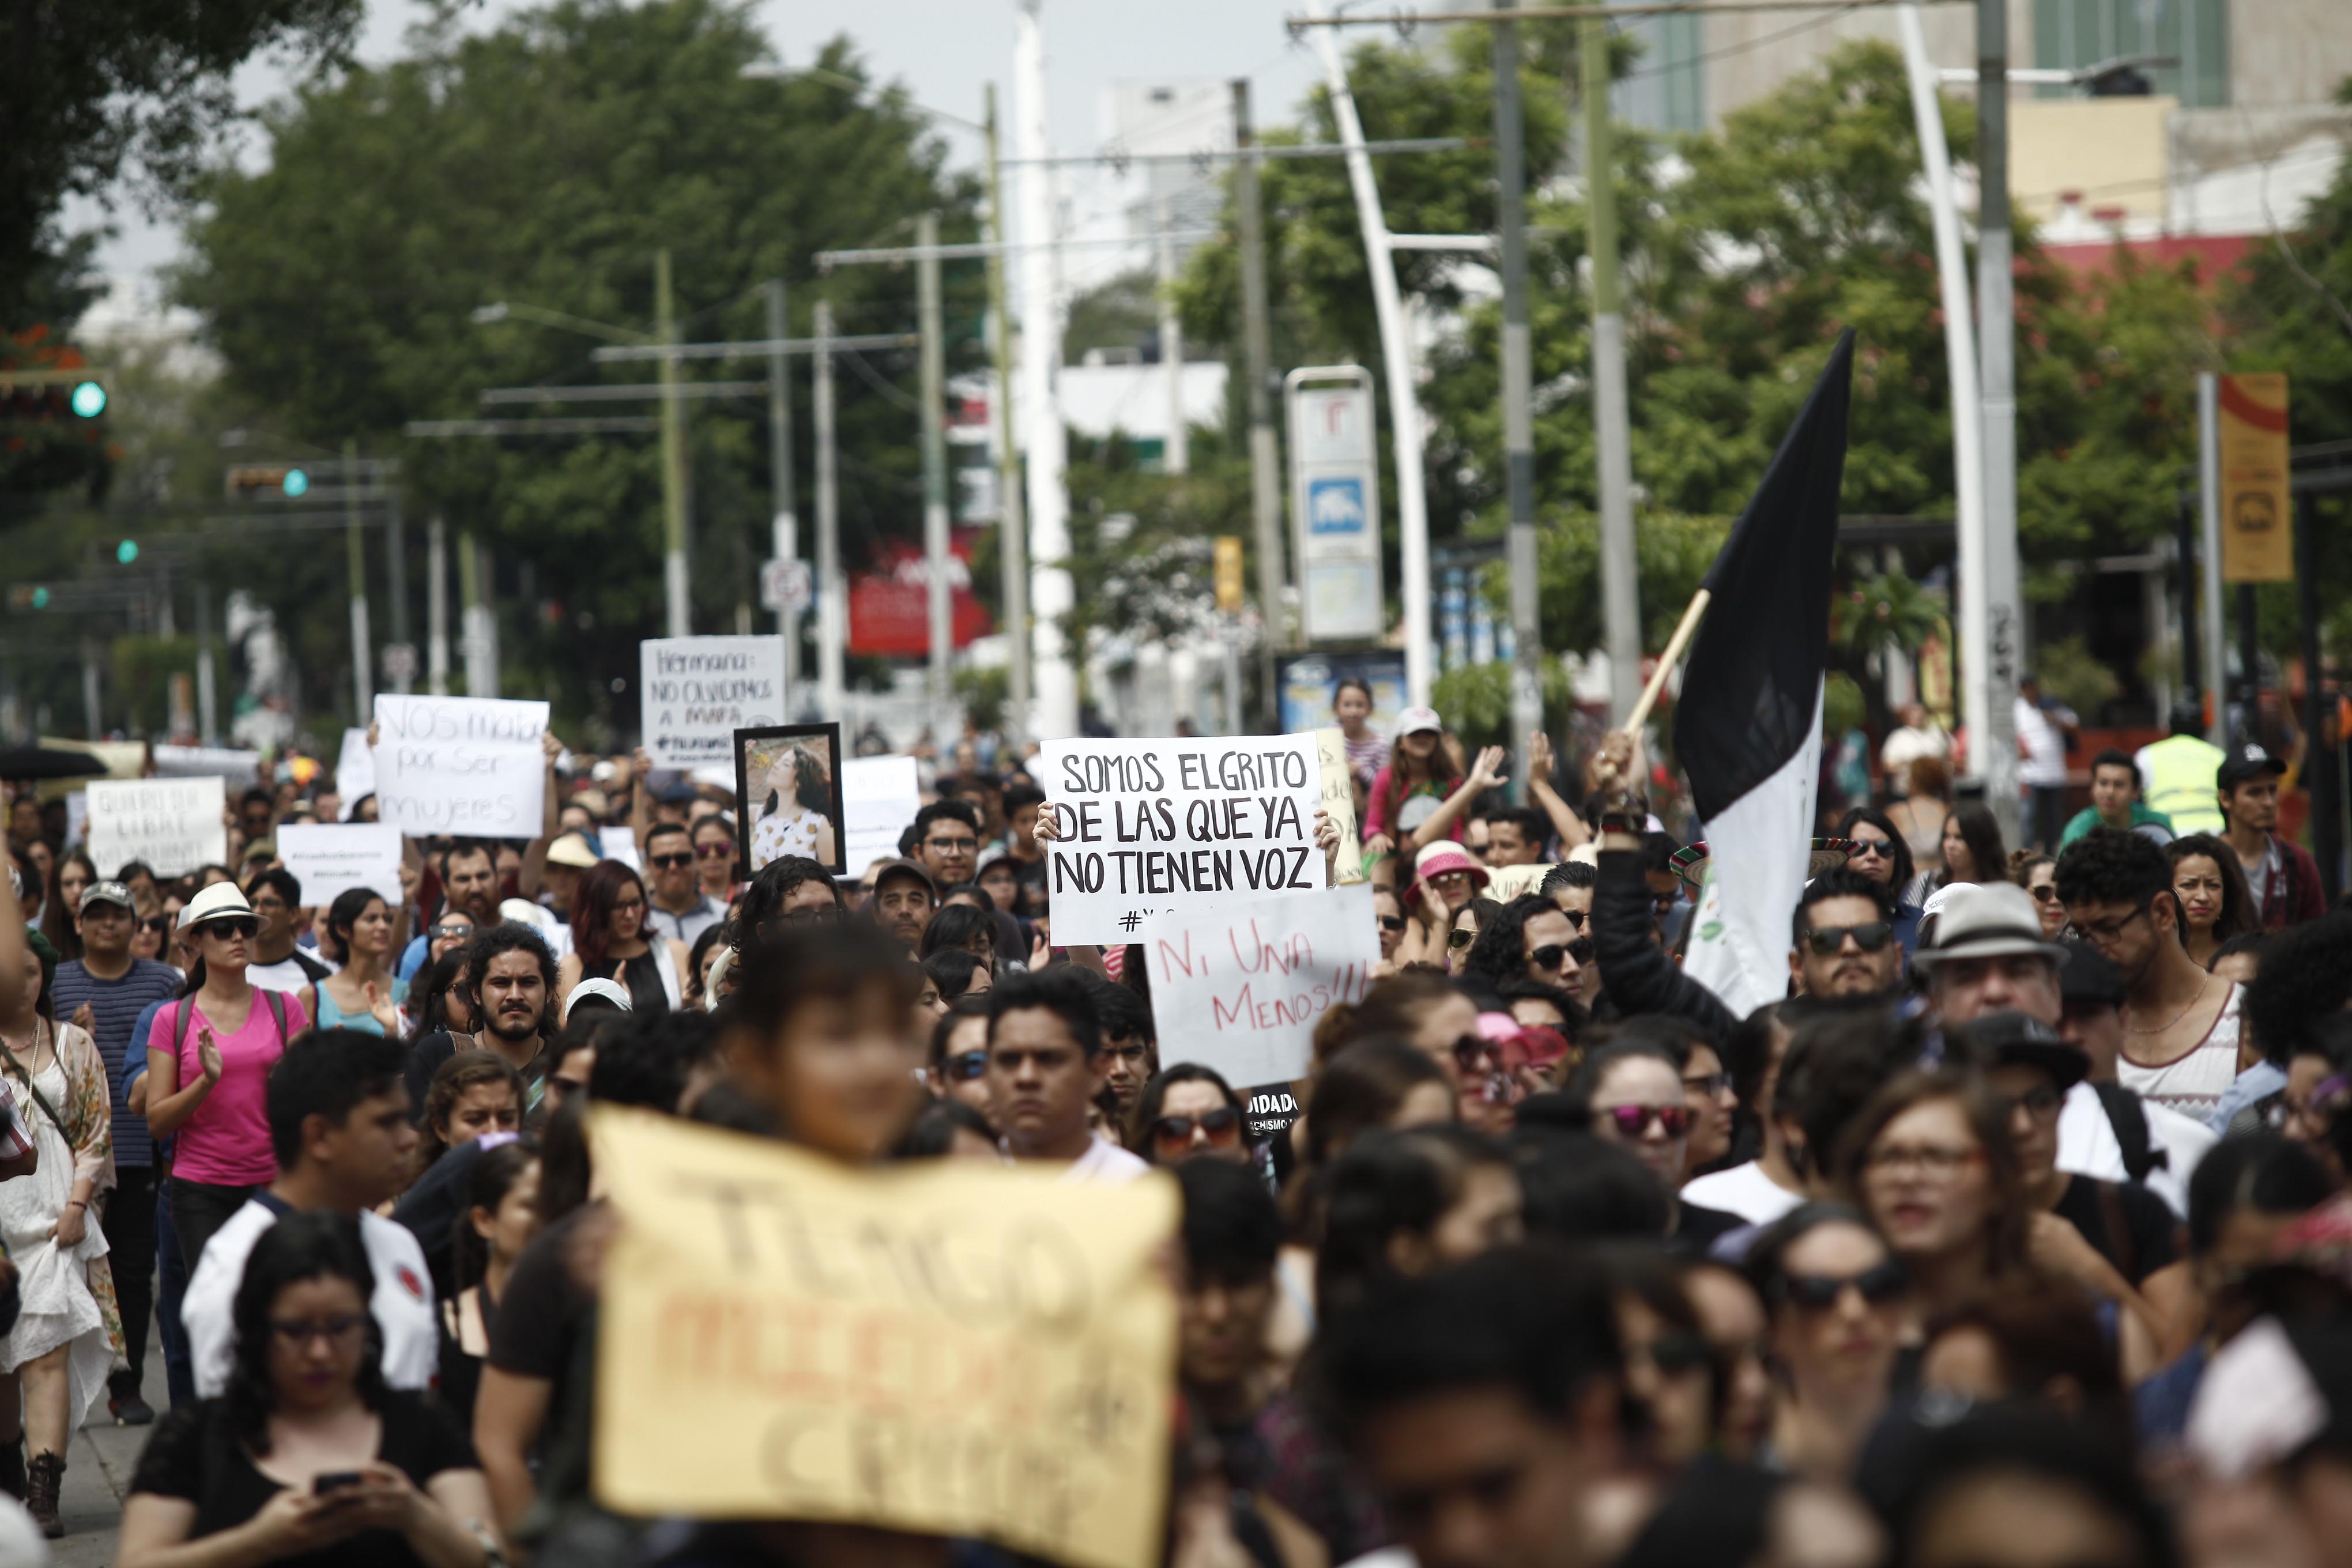 Enojo. Mujeres en su mayoría recorrieron la Vía RecreActiva para legar a Plaza Liberación.